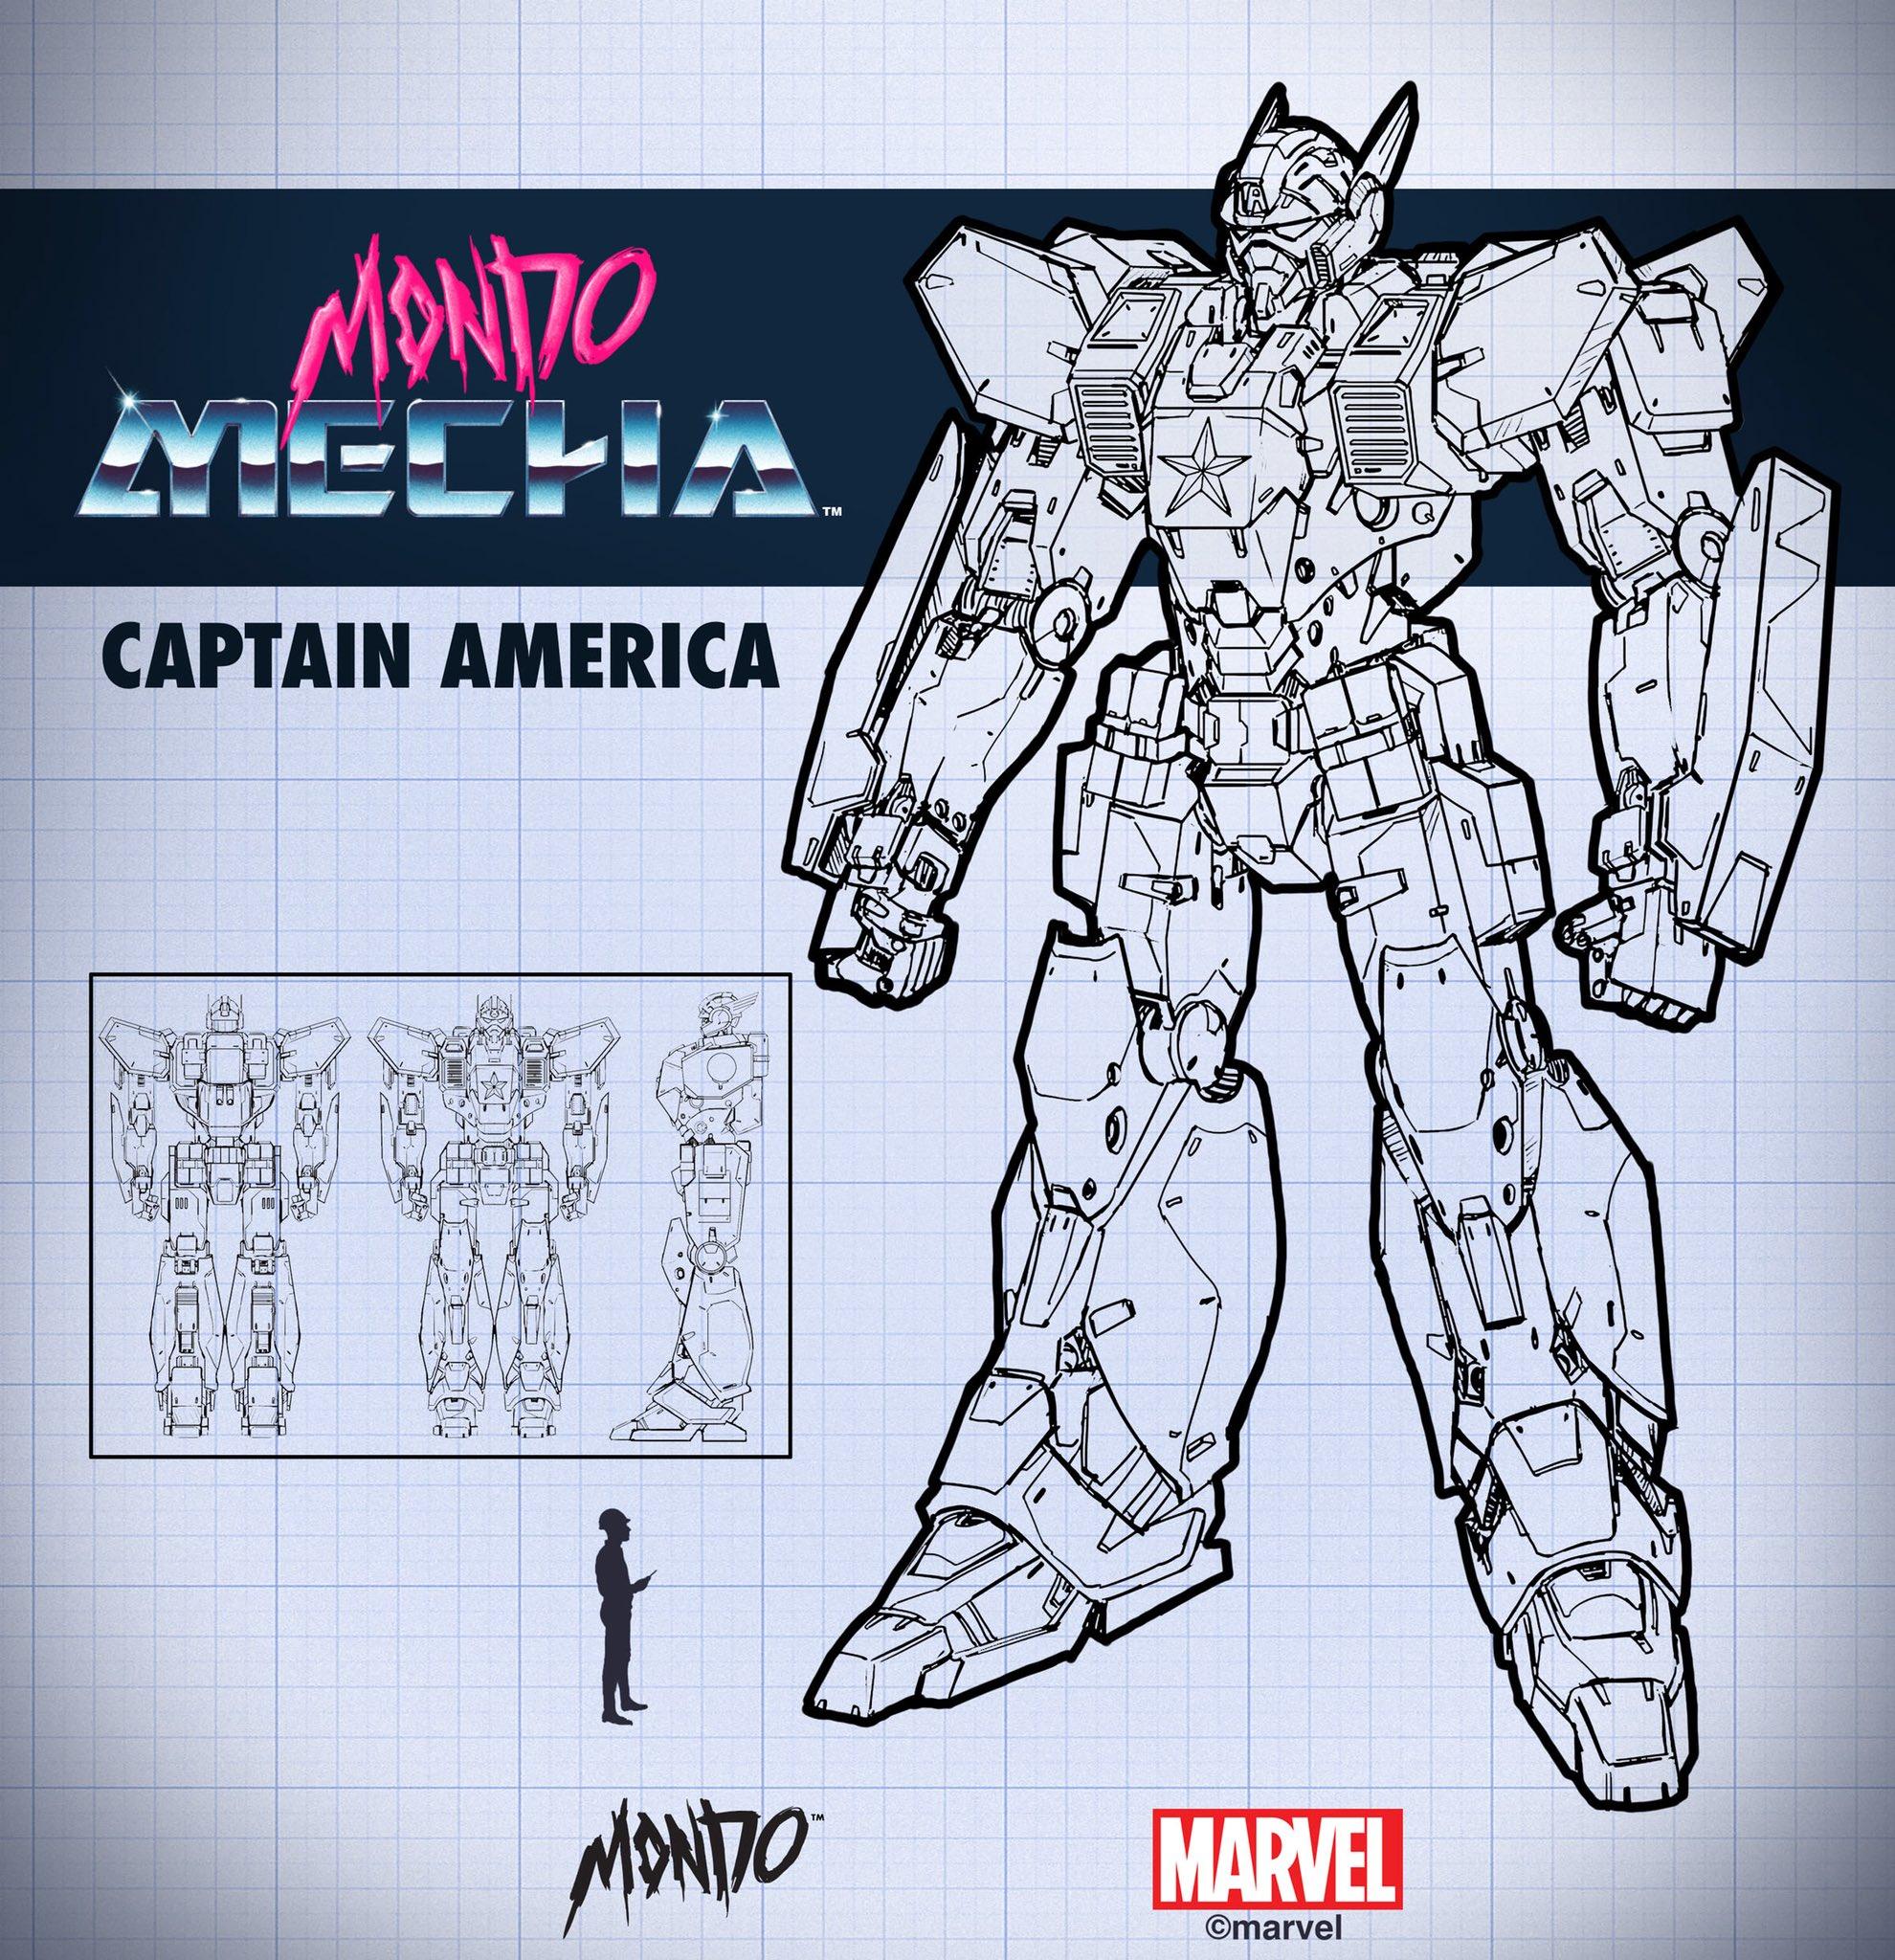 Mondo キャプテンアメリカ ロボット